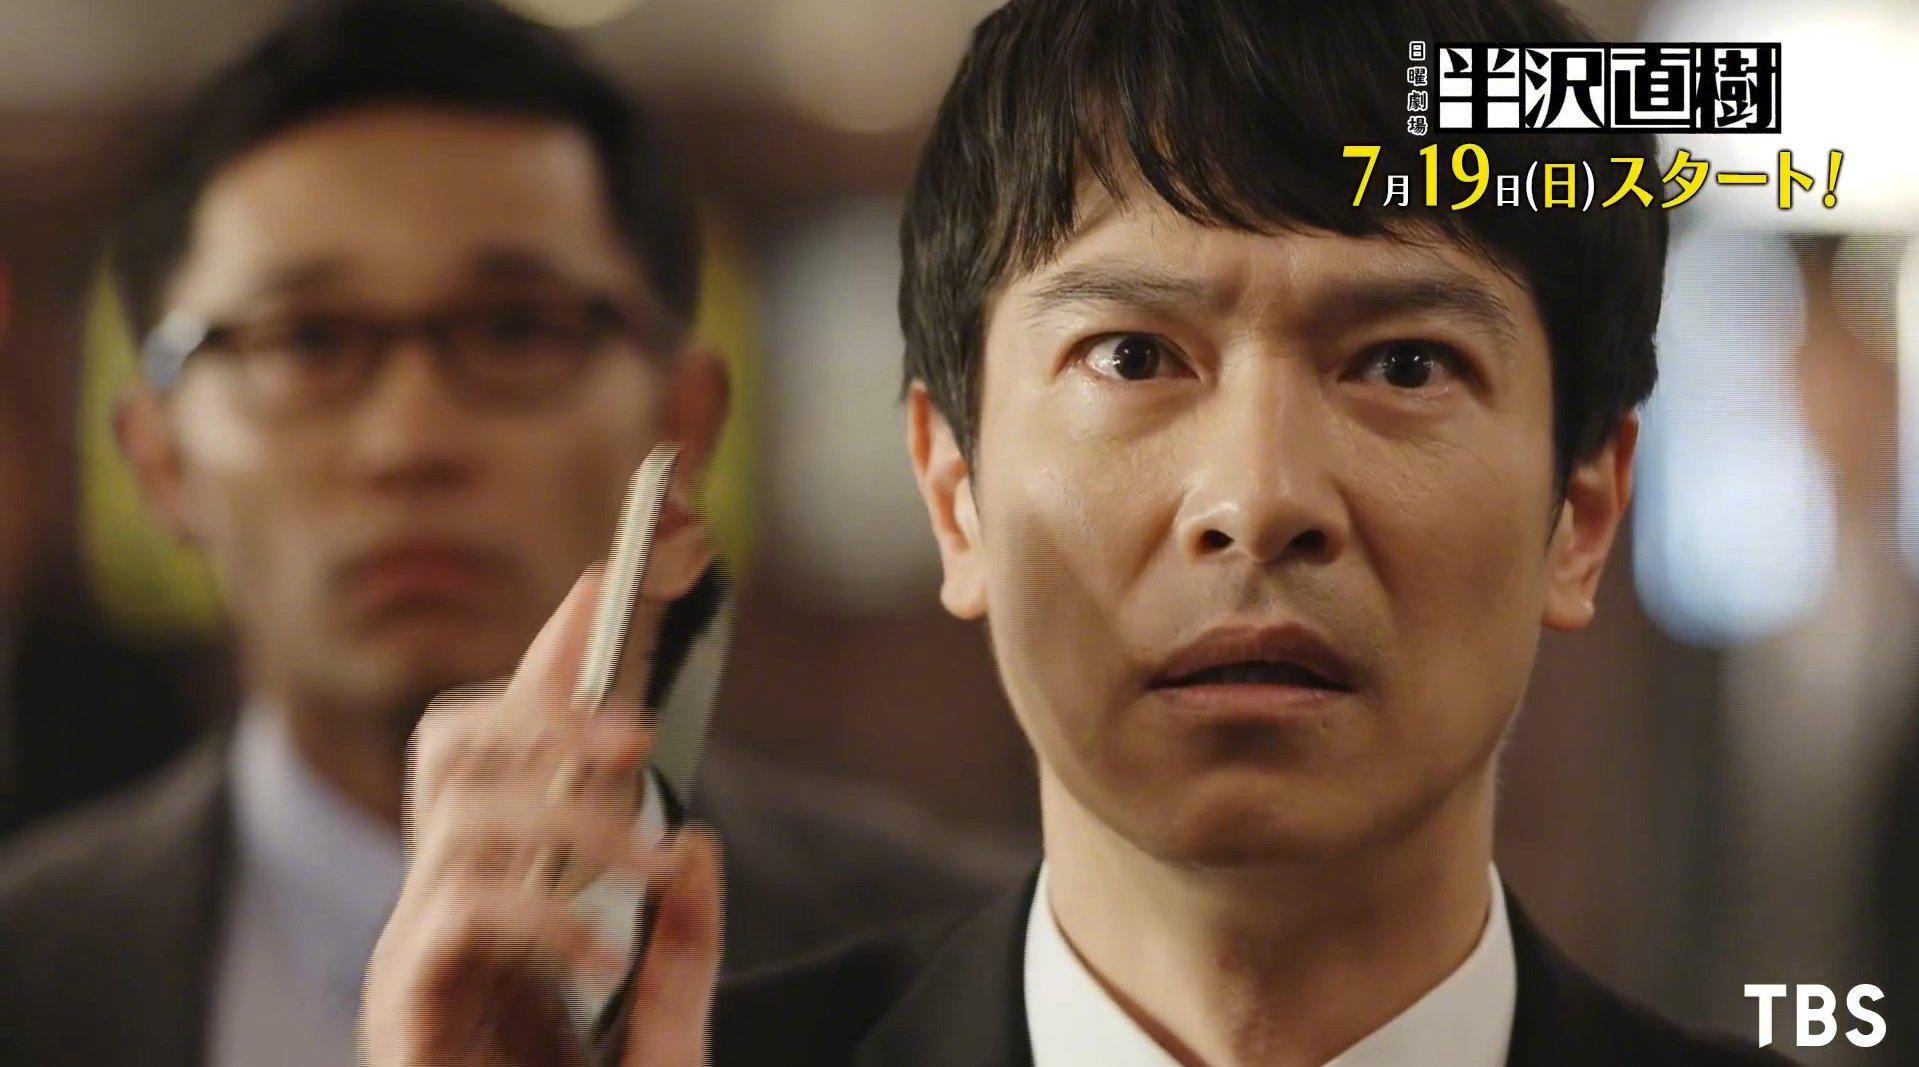 大热门日剧《半泽直树2》确定将于7月19日开播!